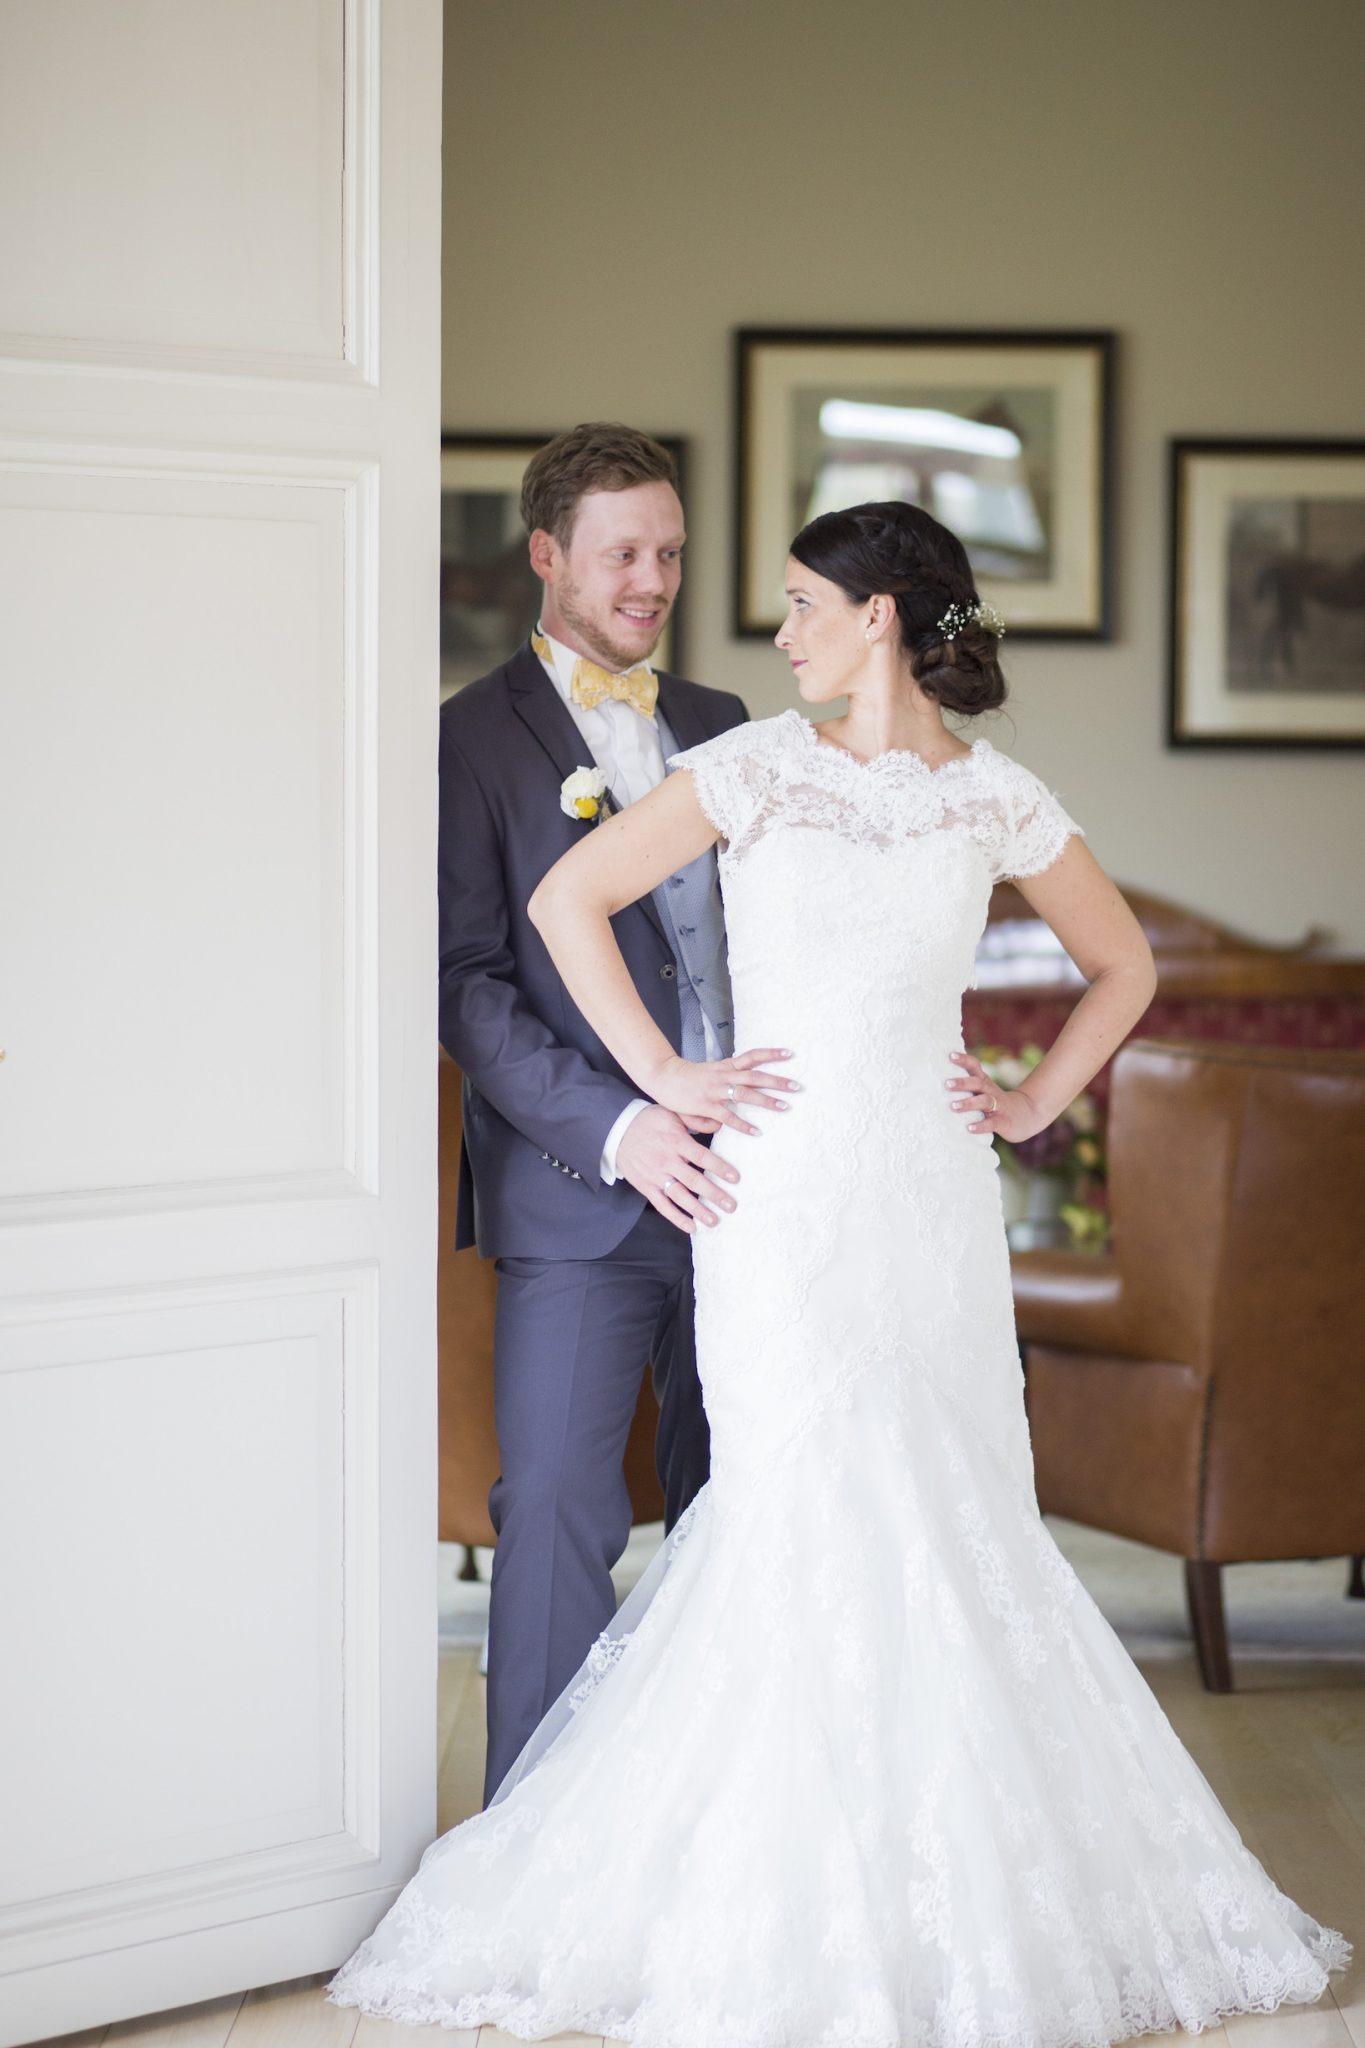 Hochzeit von Jannine und Christian in Münster: Brautpaar im Türrahmen